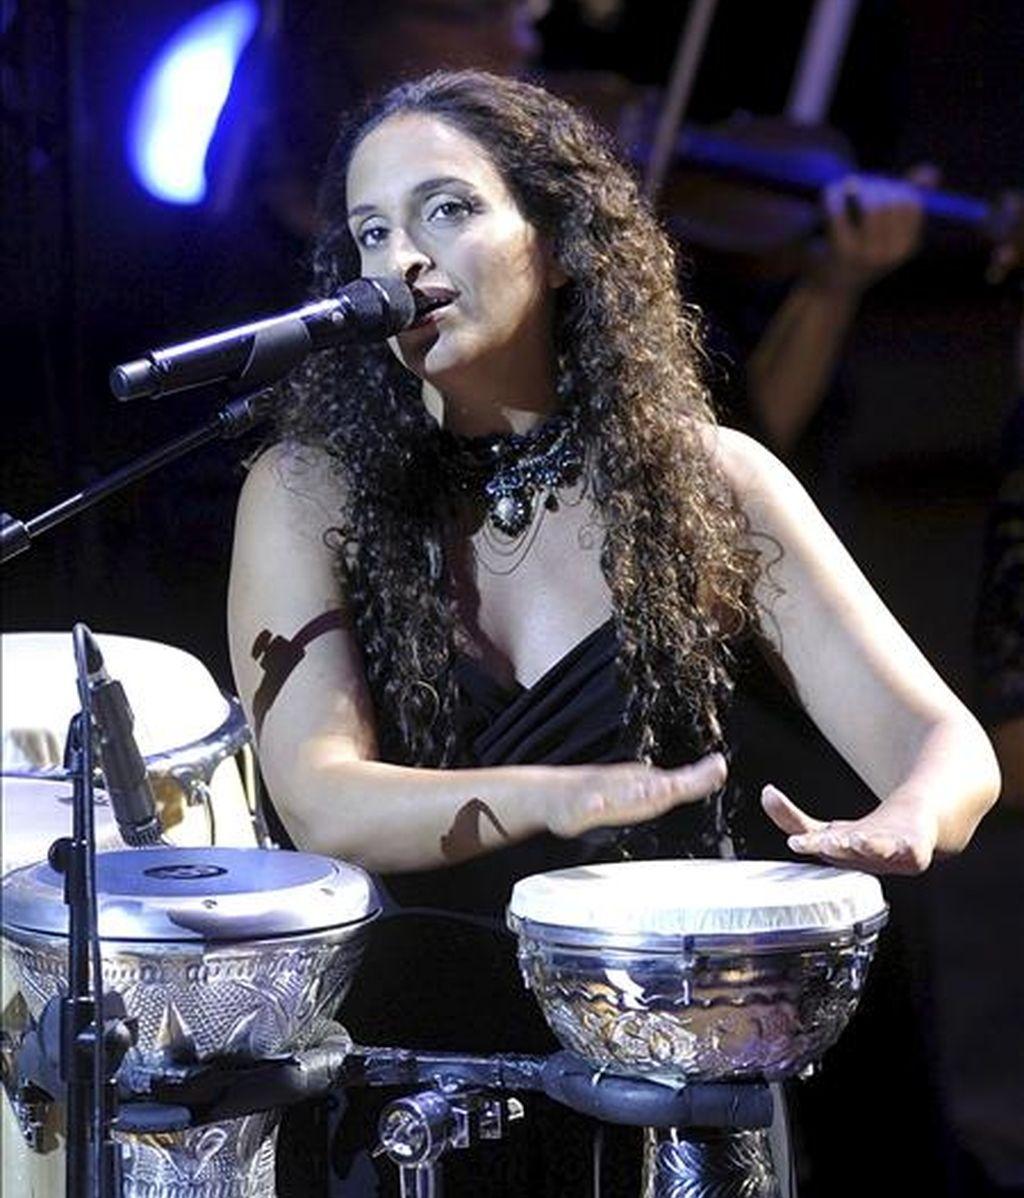 Noa pasará por Uruguay para dar un único concierto benéfico, organizado por la embajada de Israel y la Comunidad Israelita del país, cuya recaudación se destinará al área de discapacidad de la institución judía. EFE/Archivo